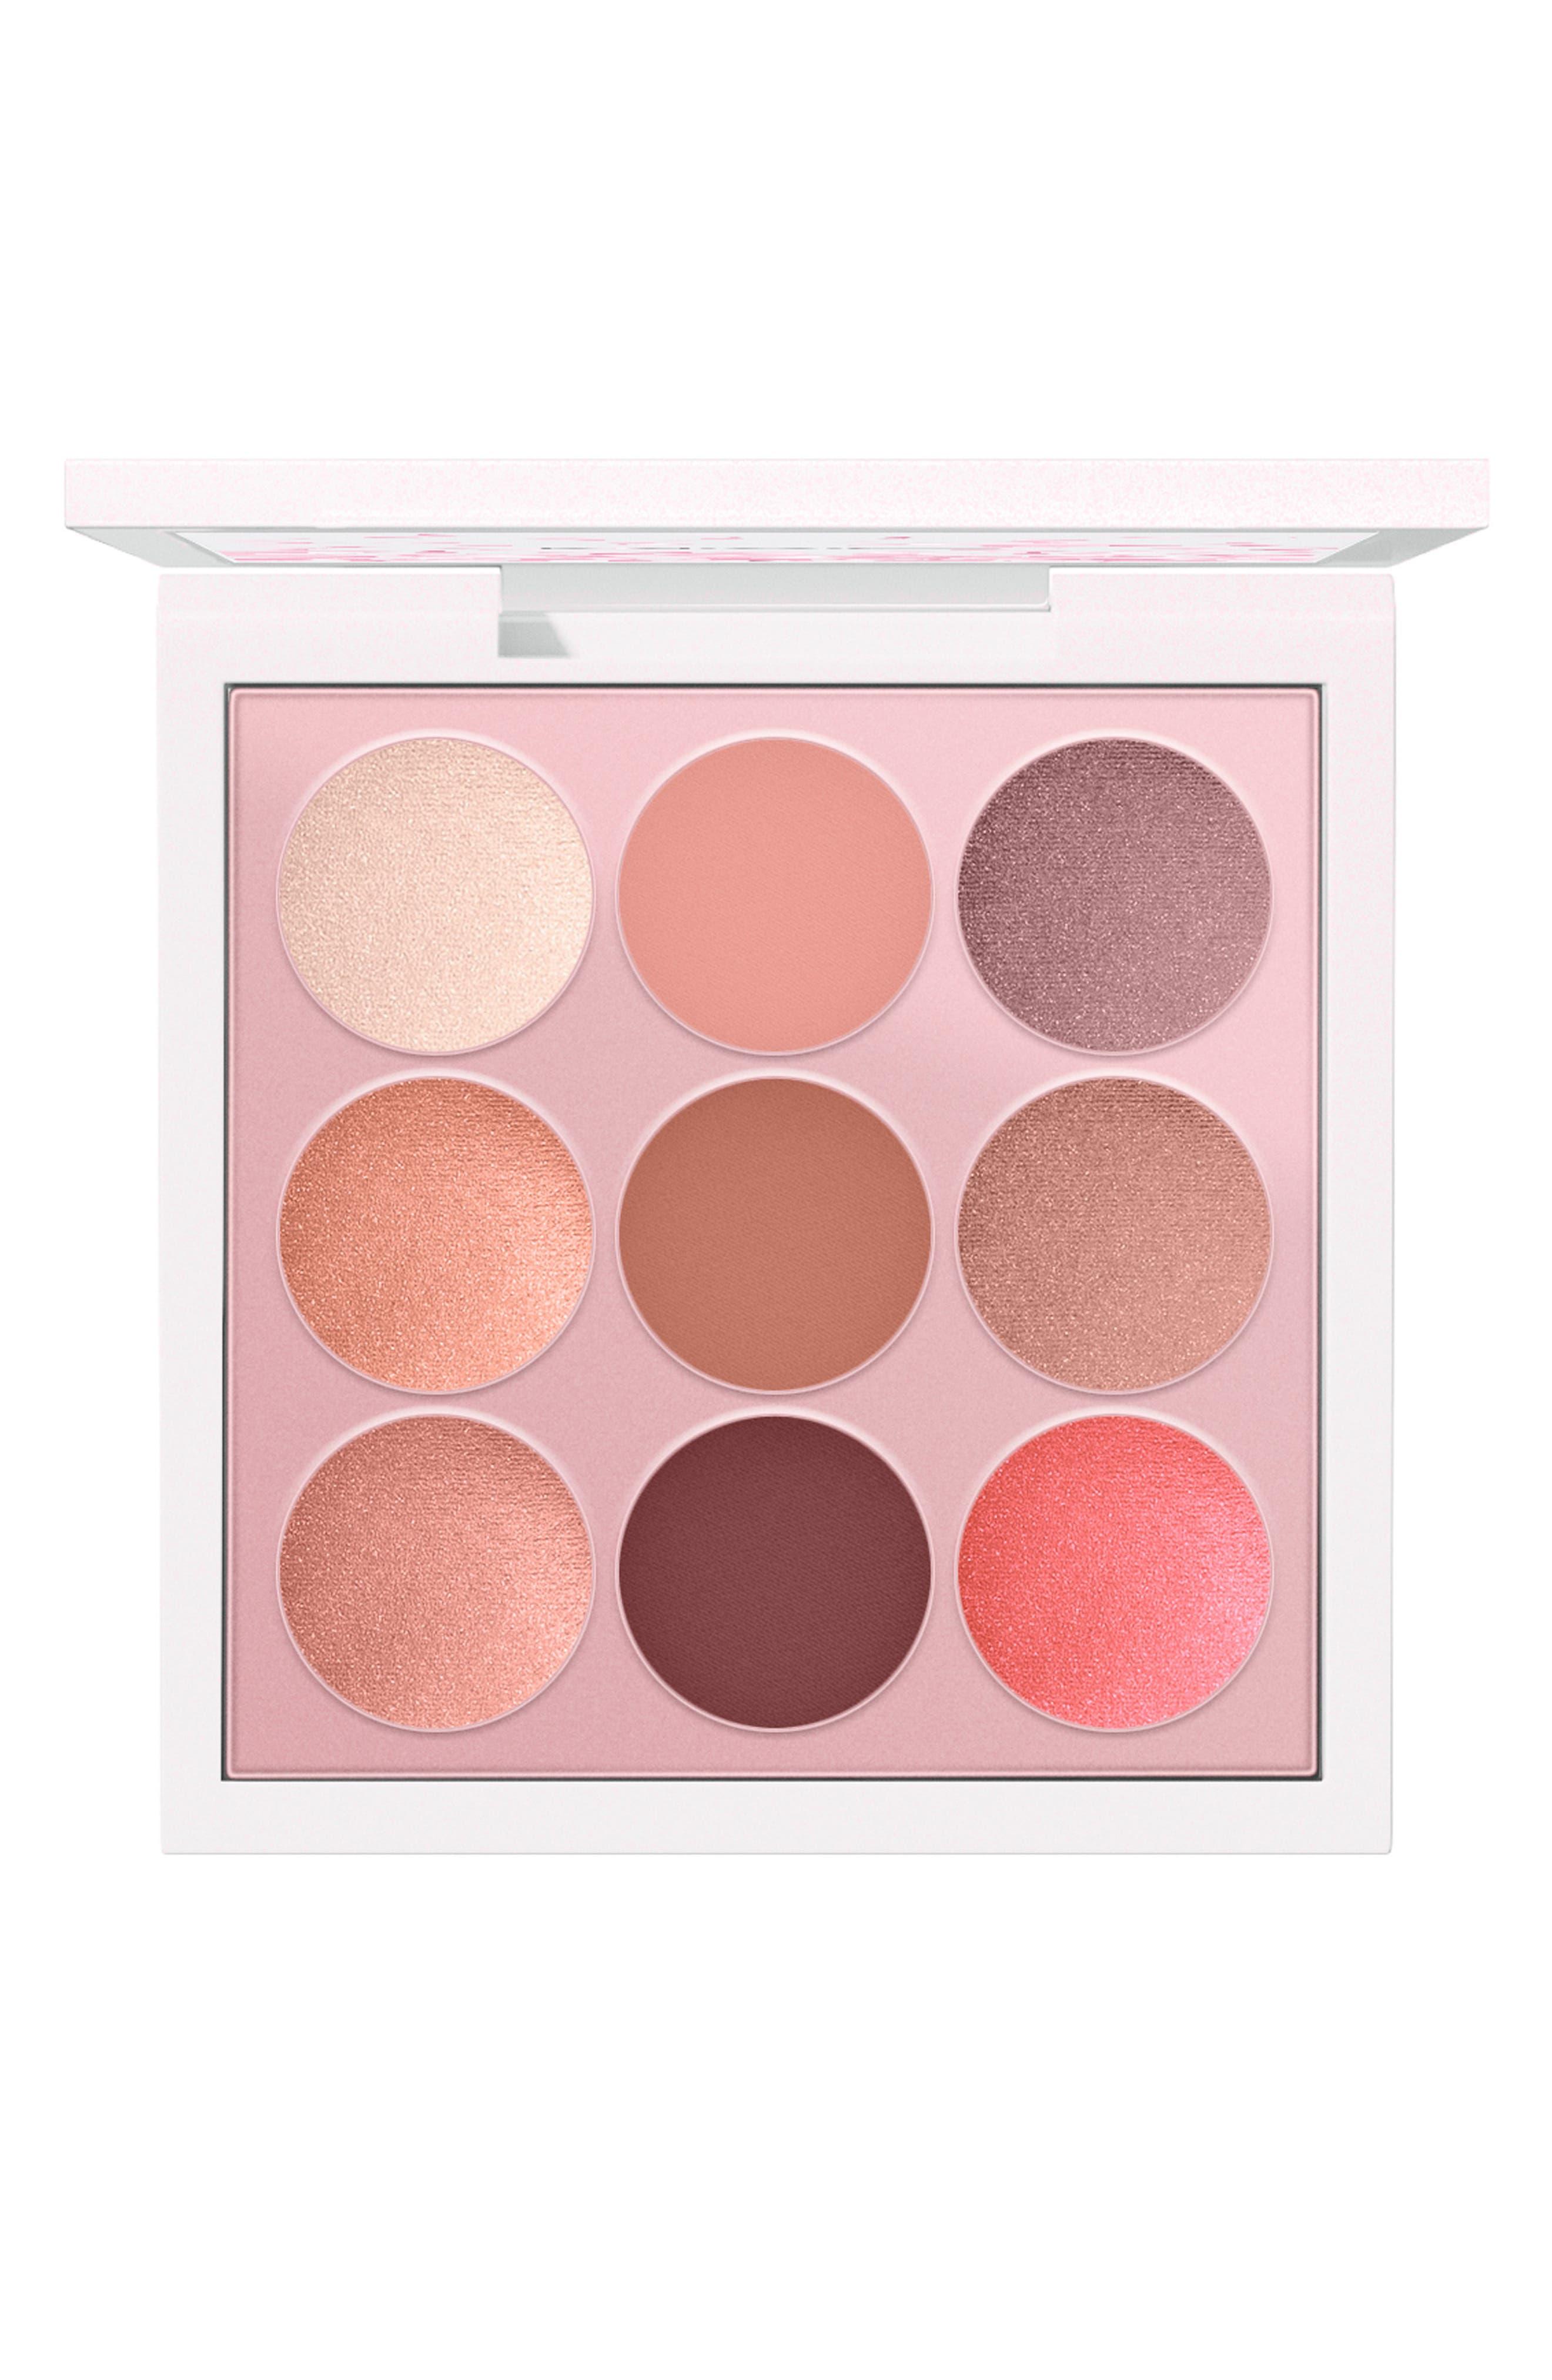 MAC COSMETICS MAC Boom, Boom, Bloom Kabuki Doll Eyeshadow Palette, Main, color, 000